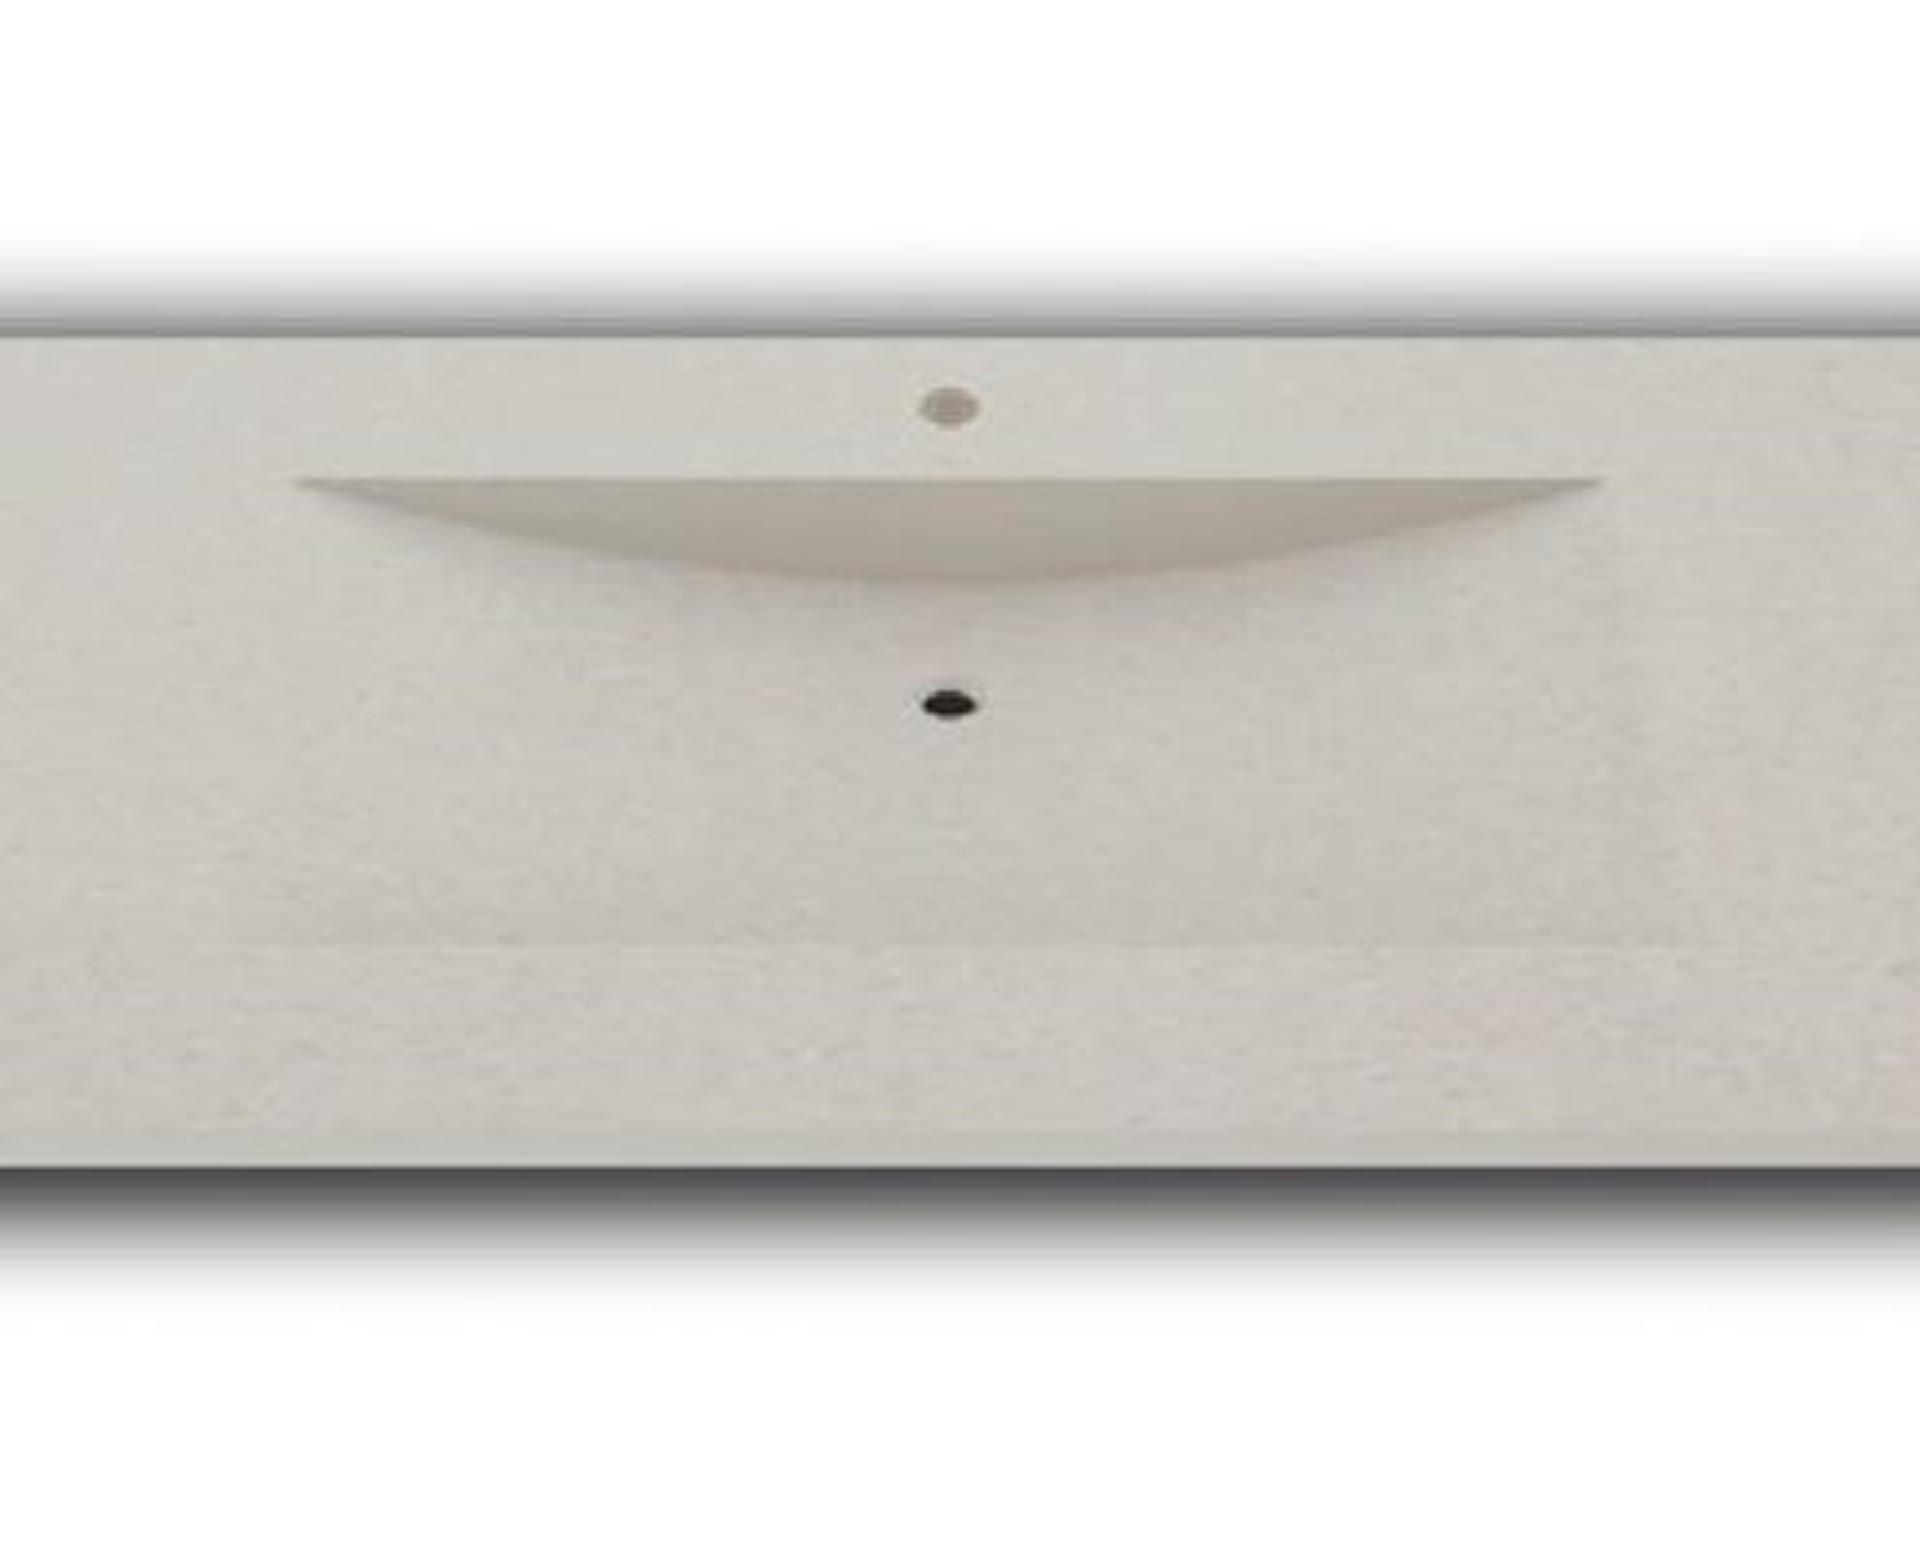 Lækker og simpel beton håndvask, med pæne afrundinger. Farven er i meget lys grå - en fantastik flot, moderne og naturlig betonfarve, der passer ind i ethvert badeværelse. Materialet er en kombination af komposit, fiber og beton, dette gør, at vasken er væsentlig stærkere end normal beton. Beton tåler ikke stærke rengøringsmidler, eller syreholdige produkter. Vi anbefaler derfor at vasken rengøres i pH neutralt rengøringsmiddel. Vasken har målene: 123,2 x 54,5 x 3 cm. Materialet er en kombination af komposit, fiber og beton, dette gør at vasken er væsentlig stærkere end normal beton. Vasken skal stå på et skab. Køb et af vores tre slags åbne ophæng til slimlinevaske eller se vores guide til hvilket skab, der passer til og hvor du kan købe det. Vasken er hensynsmæssigt designet med fine rundinger, som både giver vasken et eksklusivt udtryk og gør den rengøringsvenlig. Vasken vedligeholdes med voks - vi anbefaler en behandling med vores egen naturvoks ID12002 et par gange om året for at opnå optimalt look.